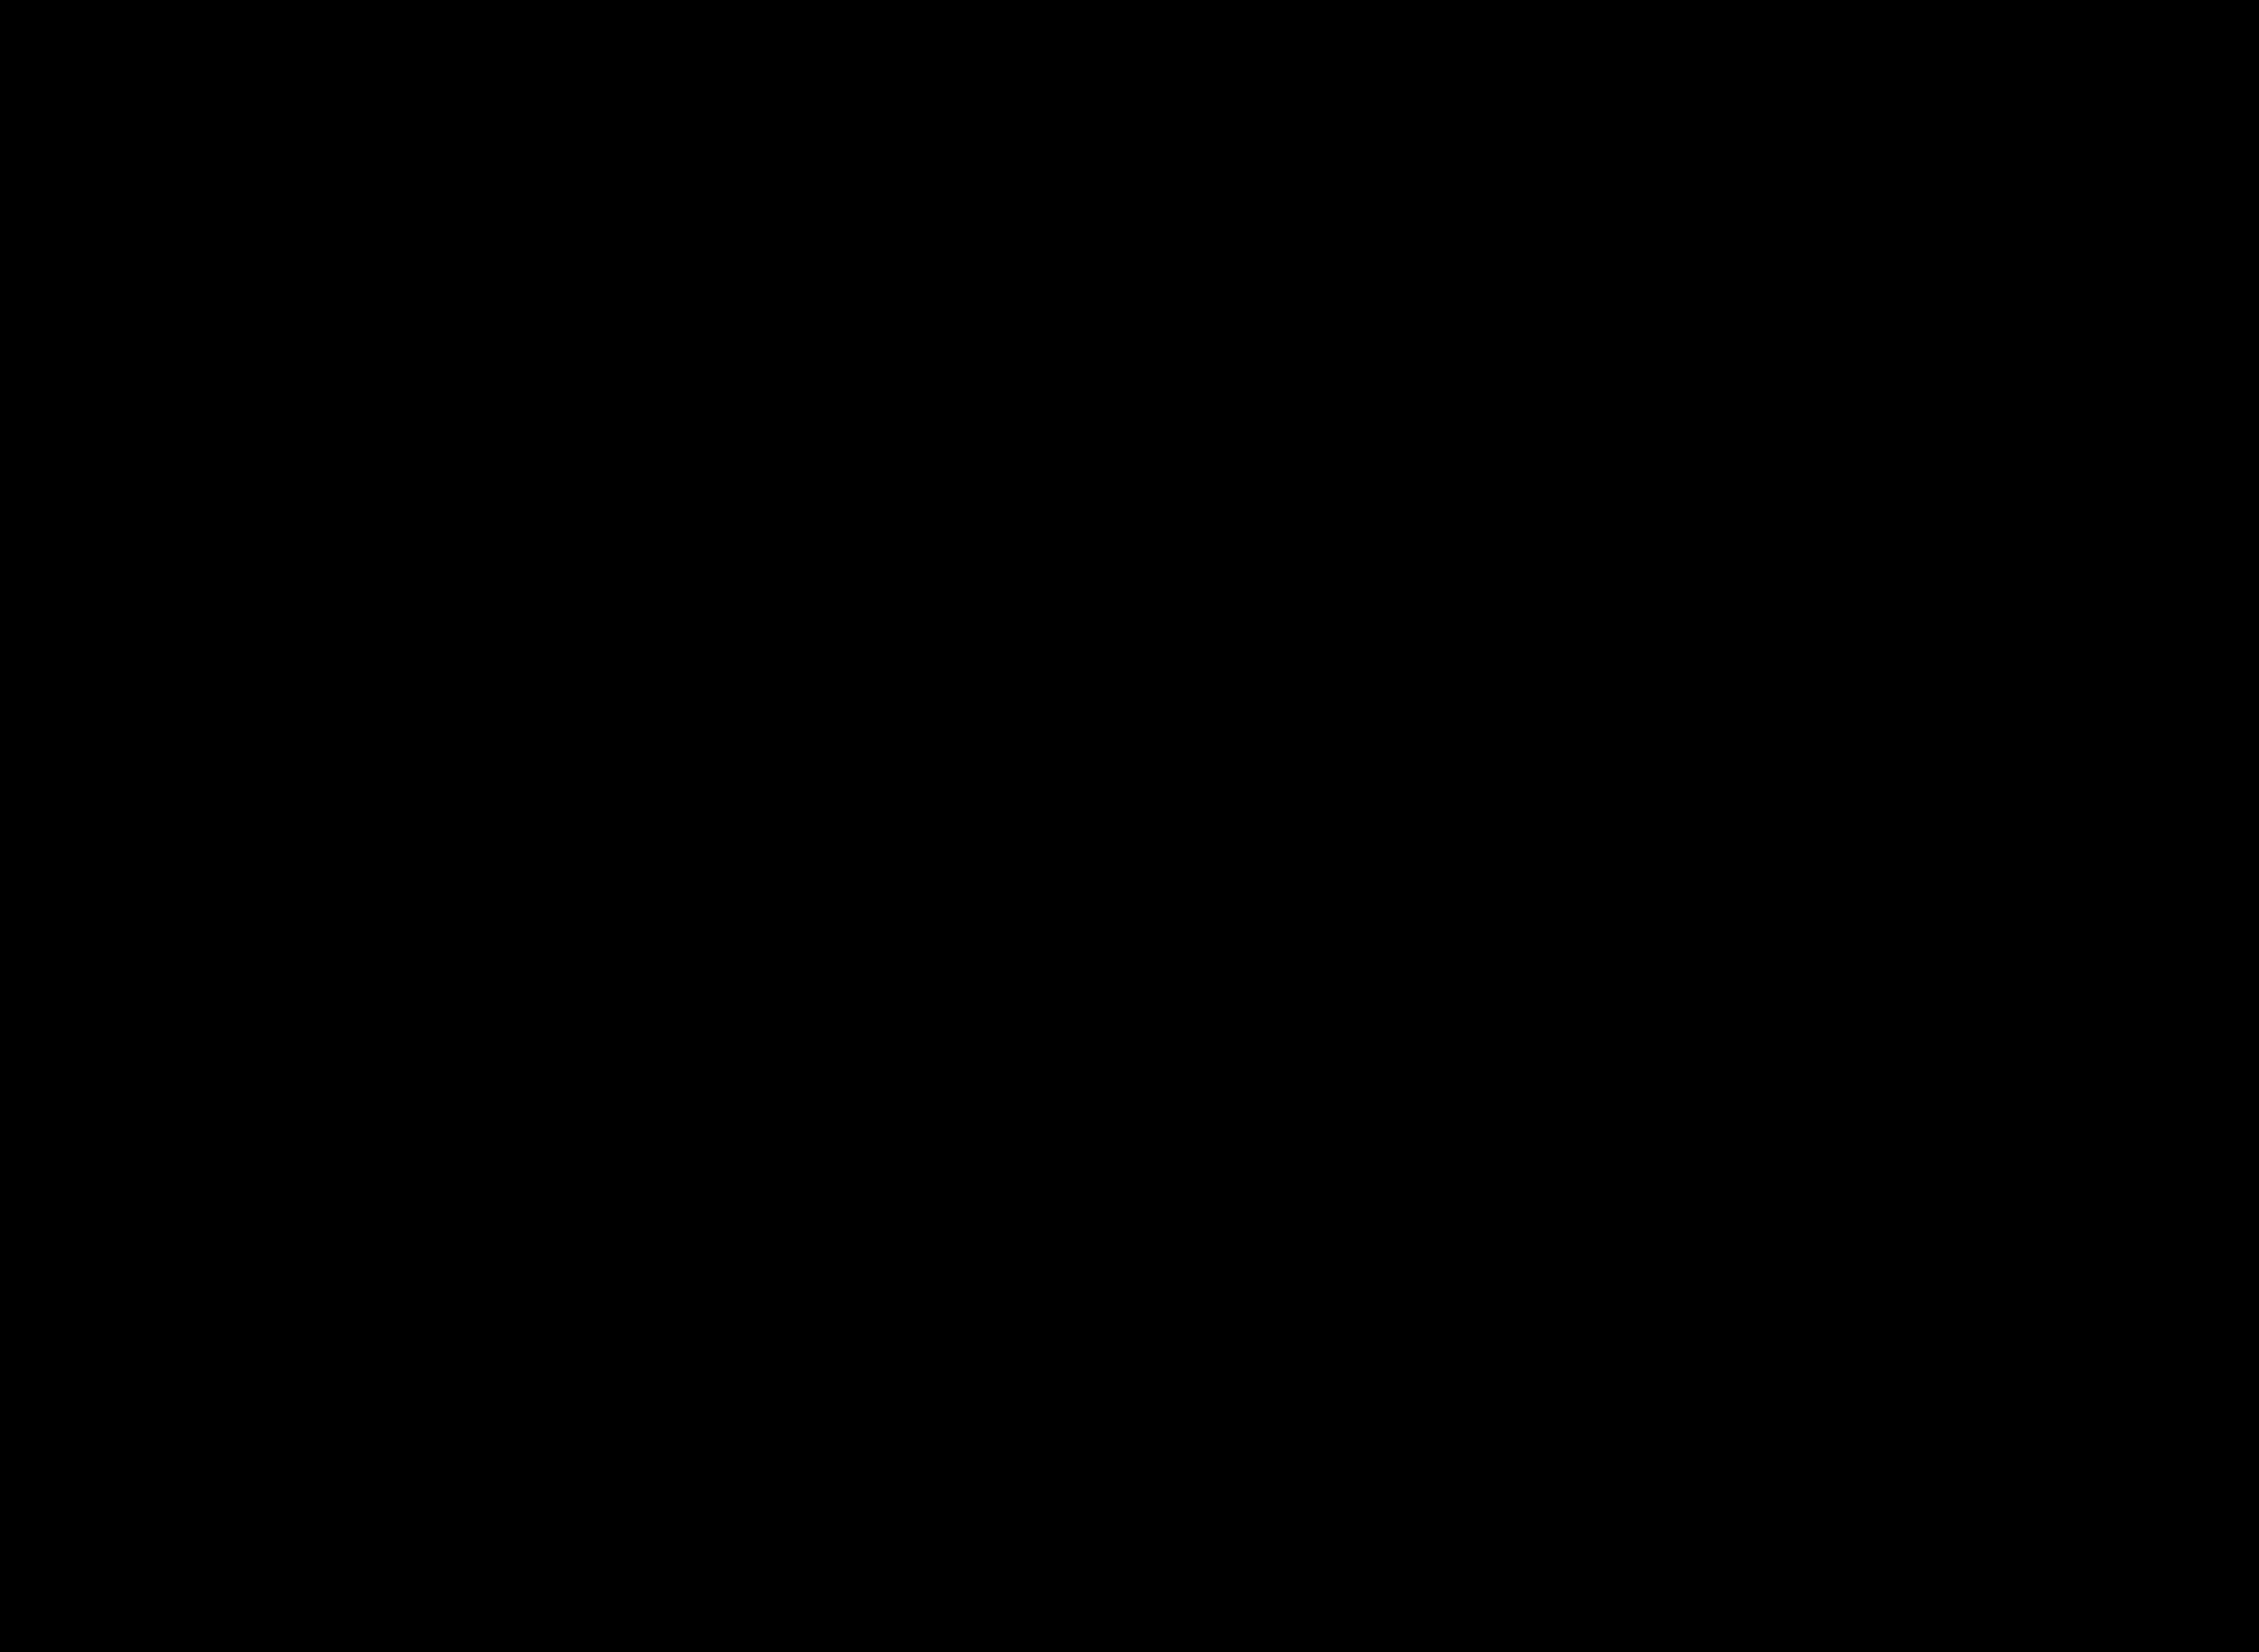 Mapa topográfico del País Vasco para Garmin